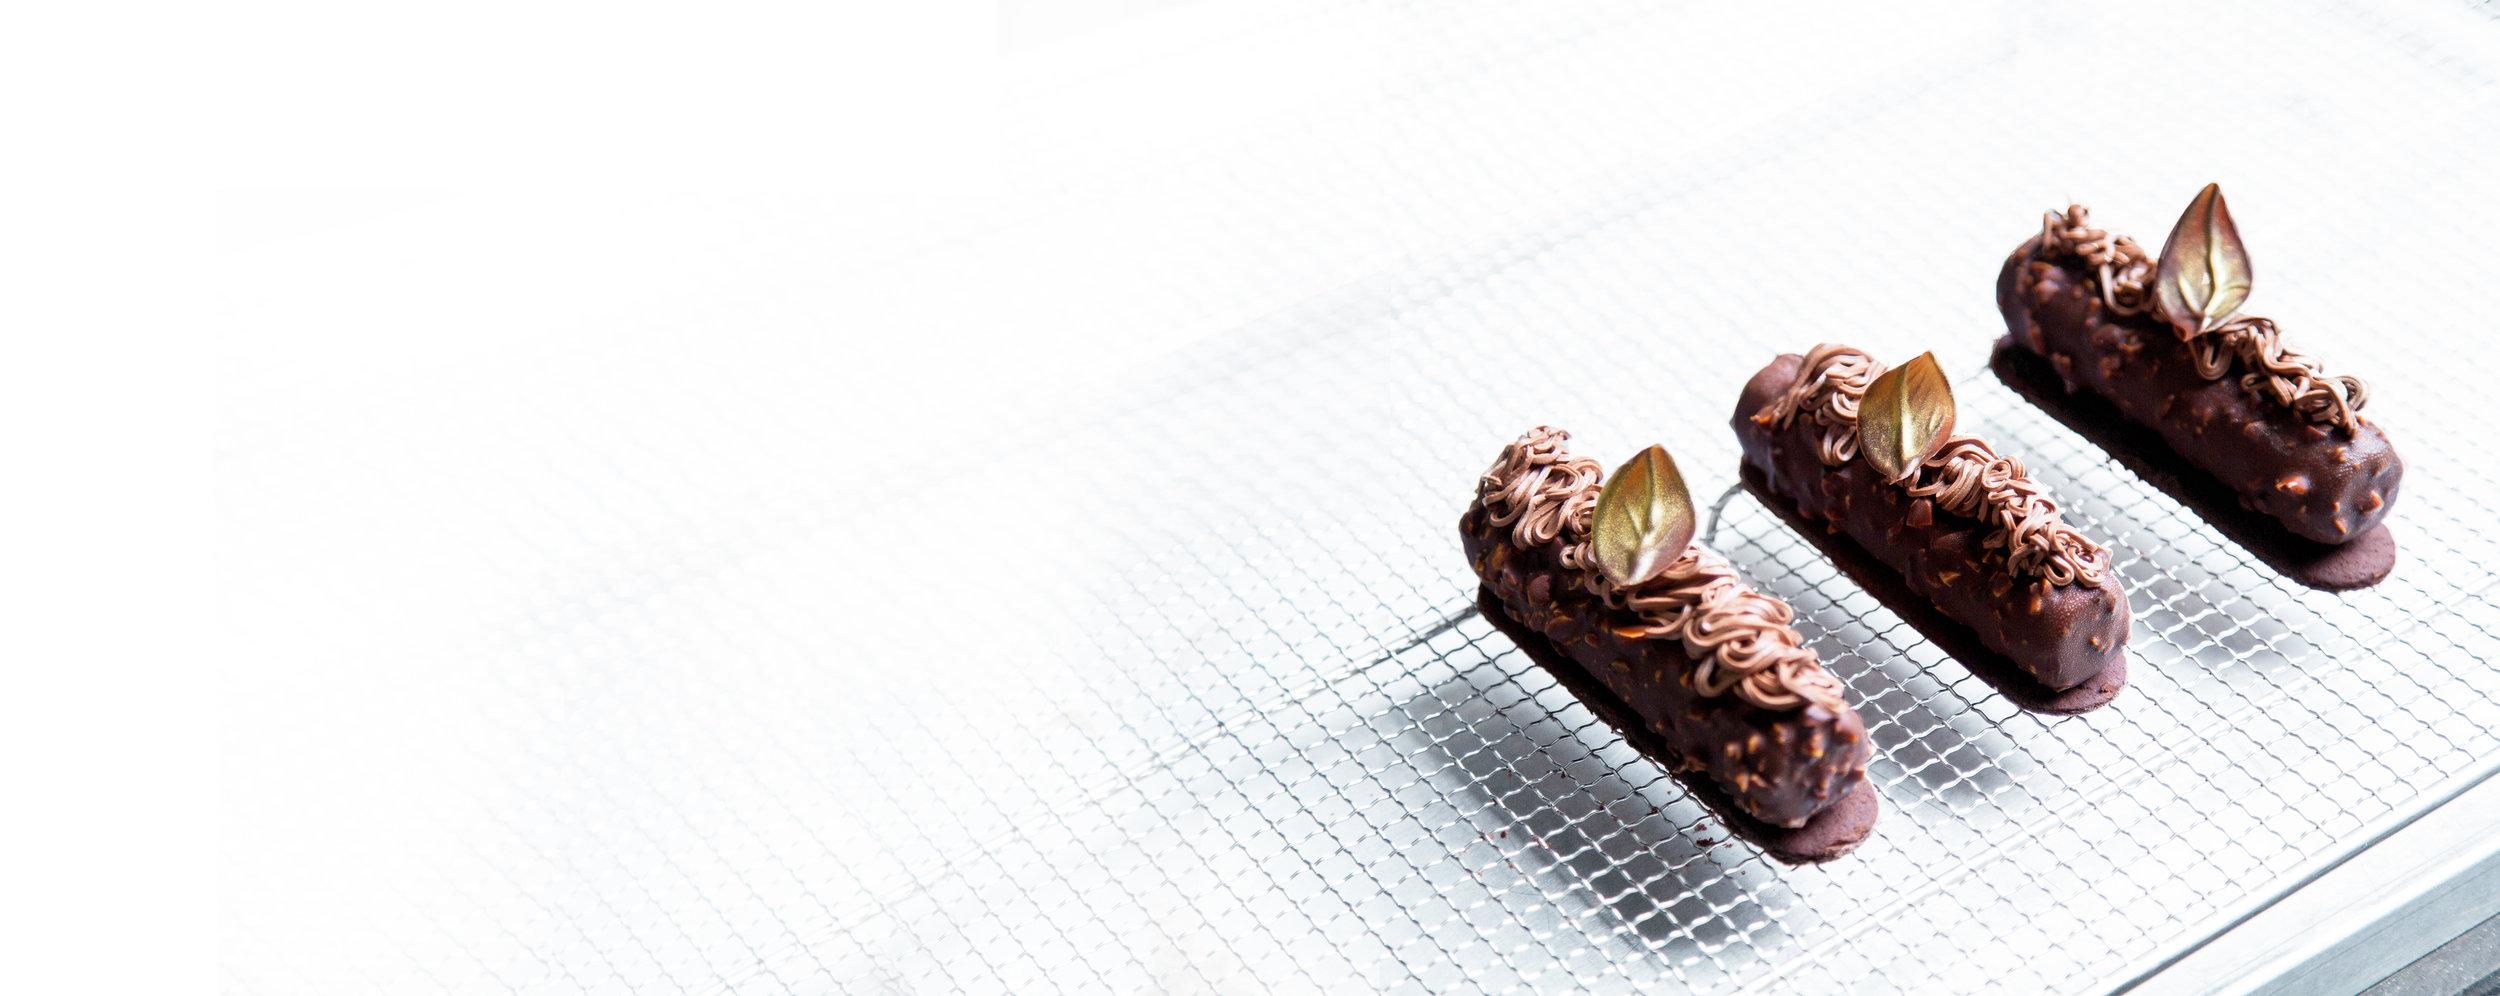 VEGANSK SJOKOLADE-OG MANDELKAKE - Med mørk sjokolade.Kuvert.